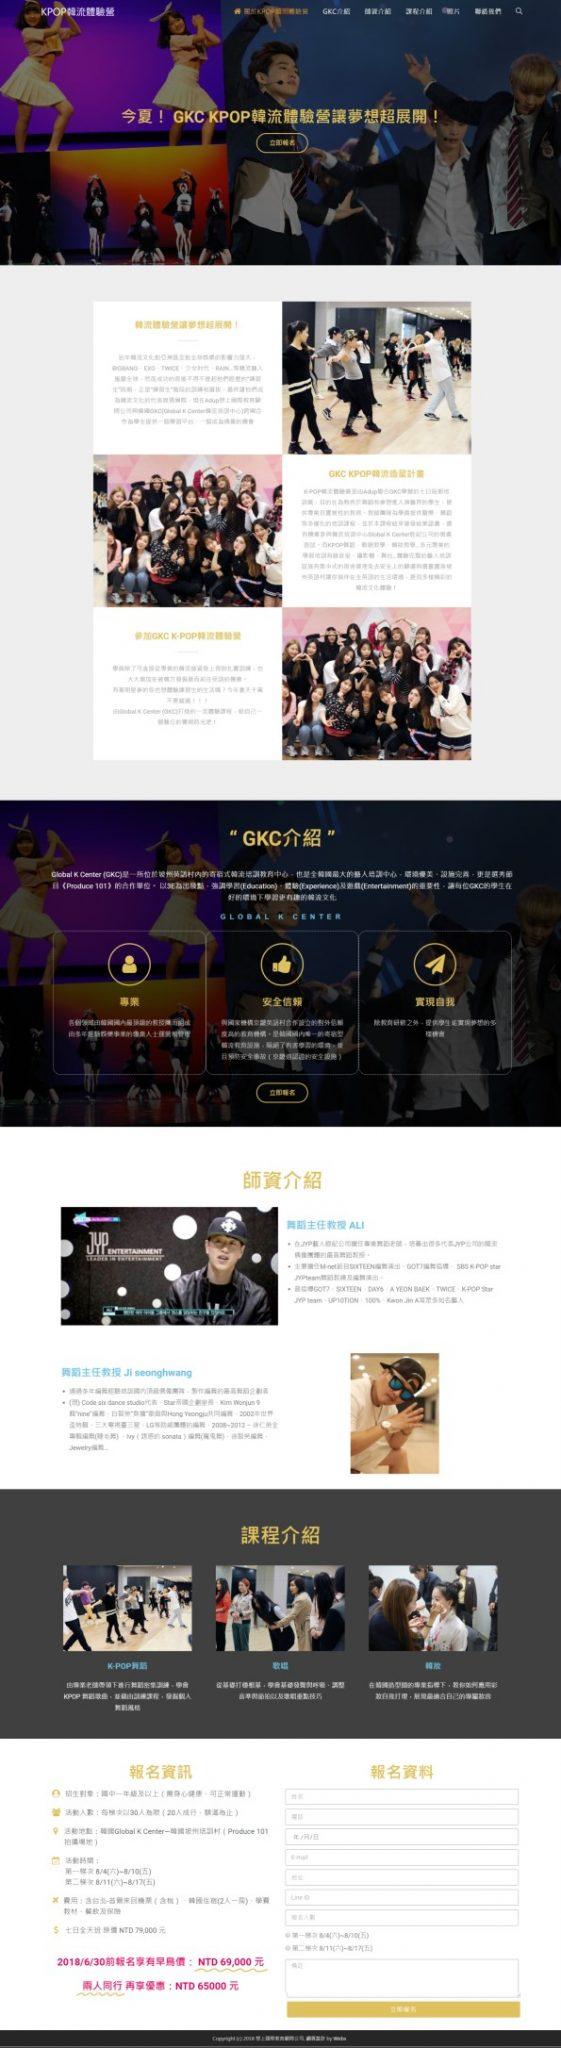 網頁設計-KPOP韓流體驗營